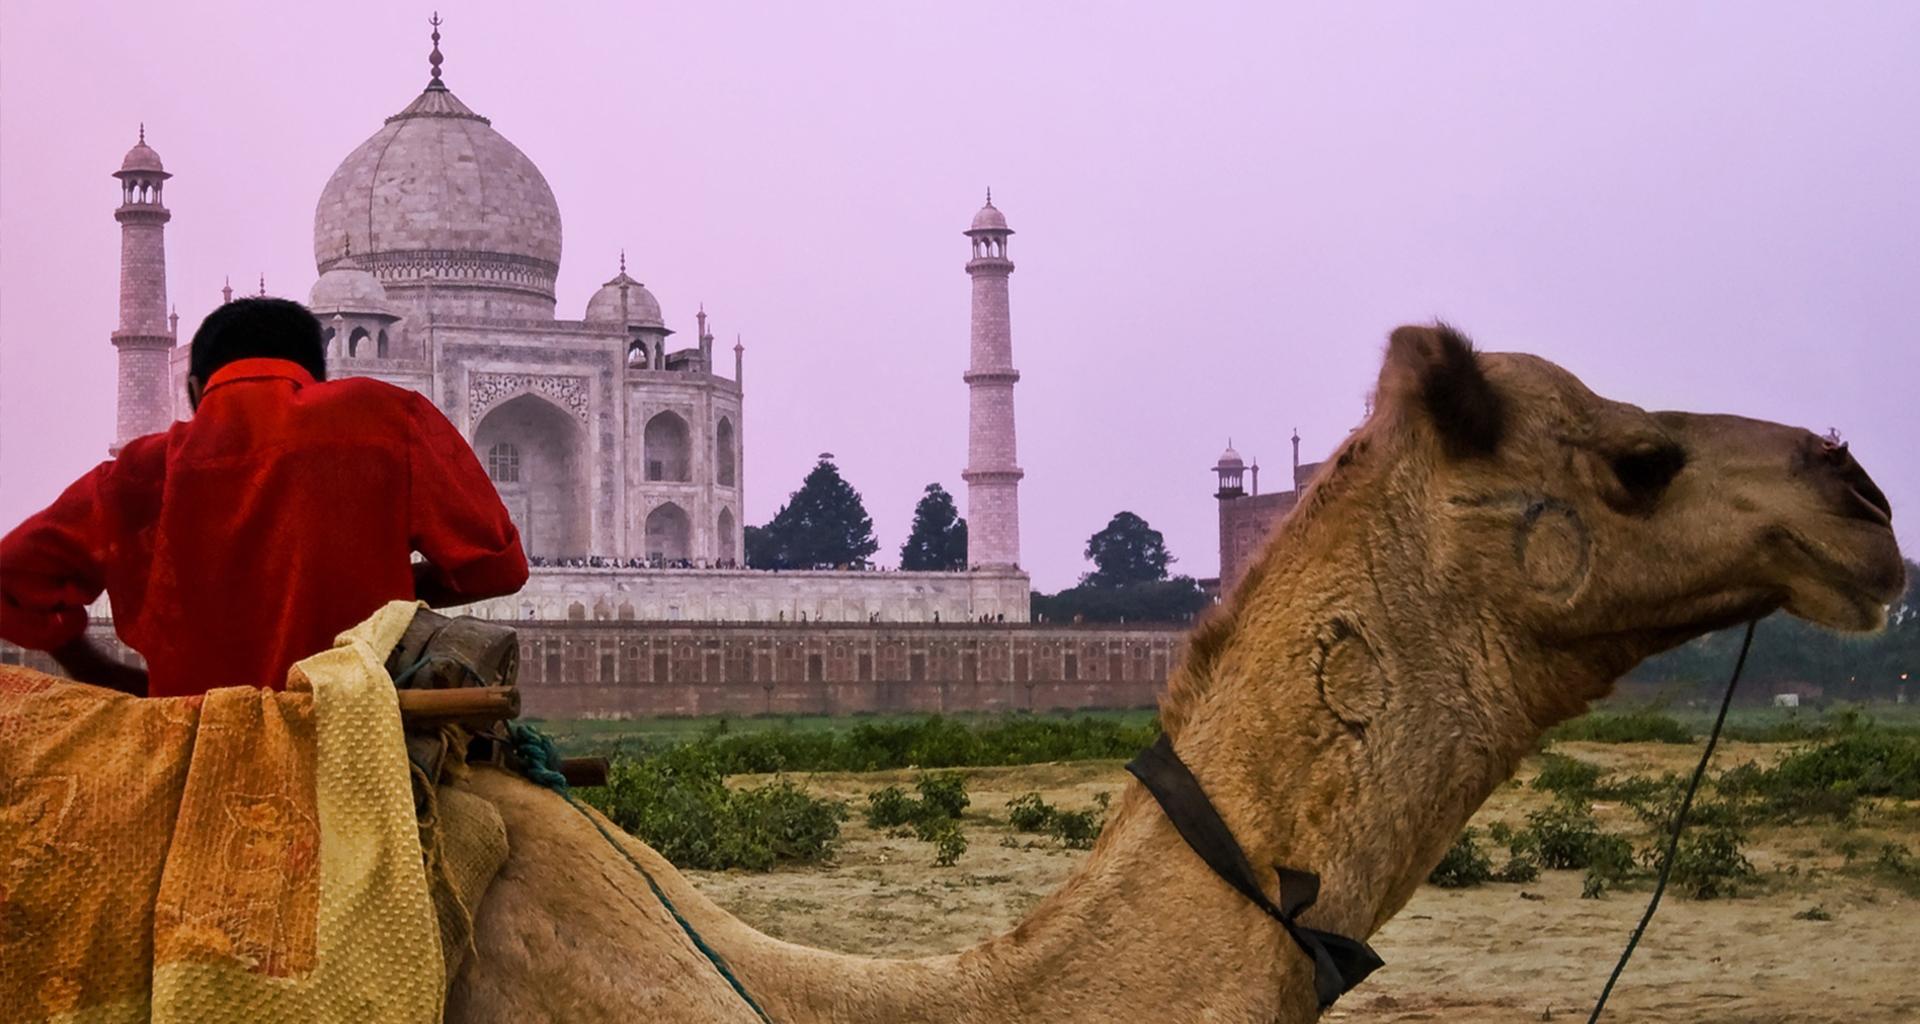 Viajes a India - Consejos y Recomendaciones de Viaje